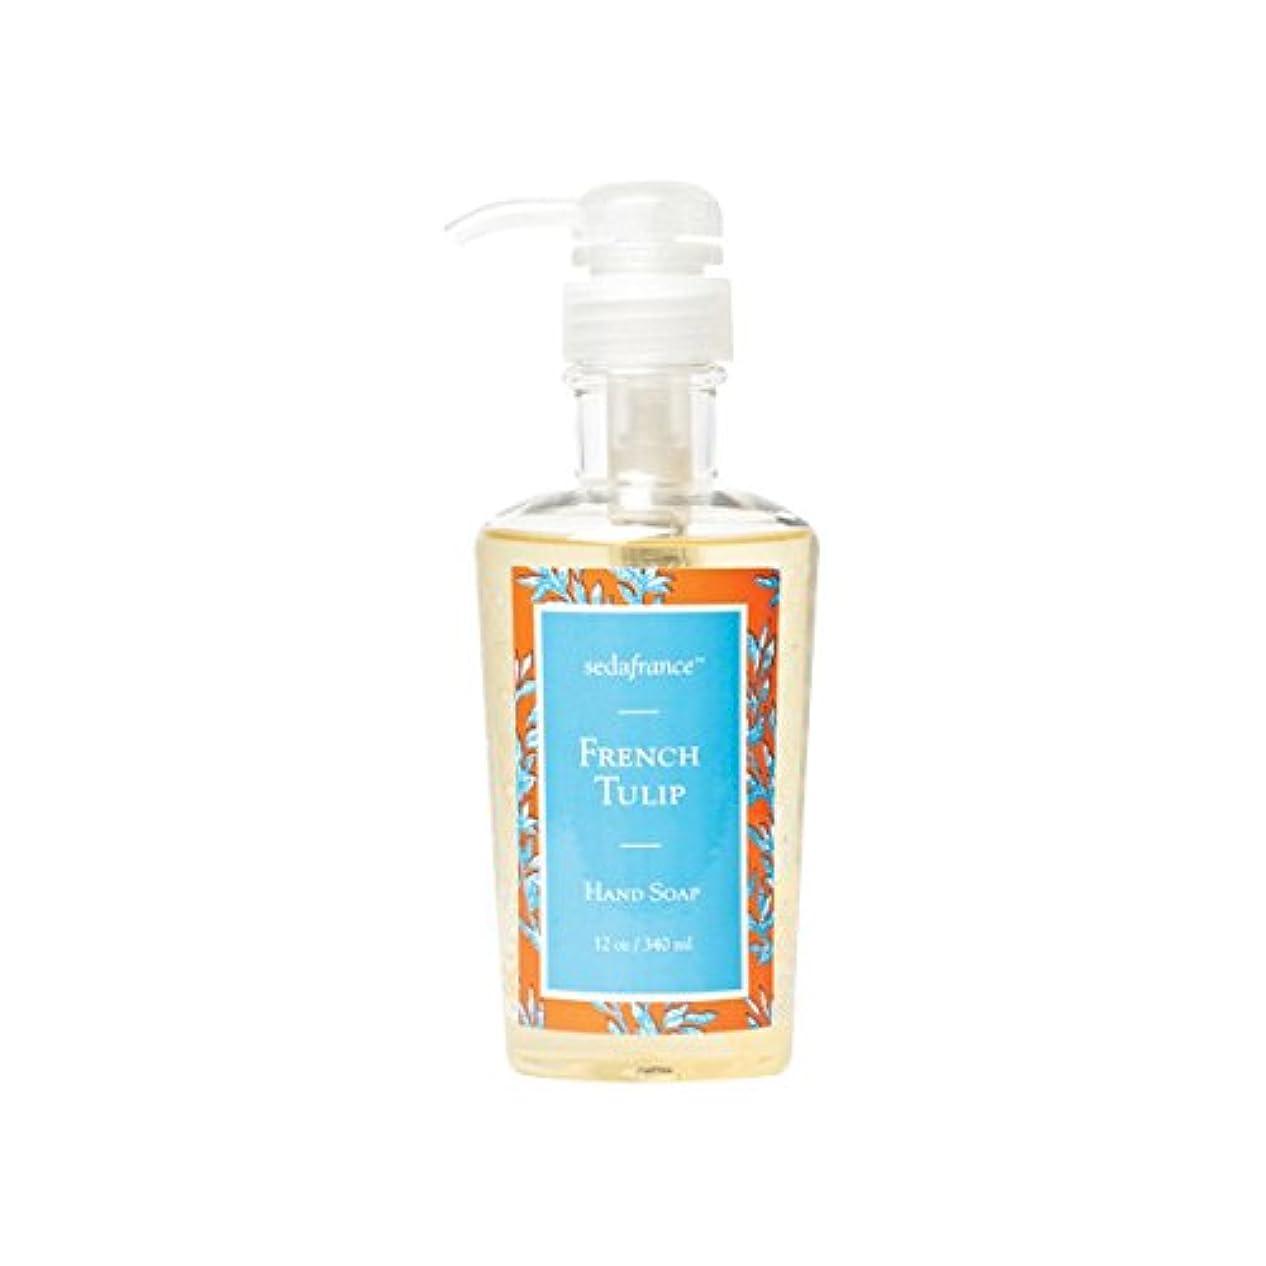 電話に出る実際の器官Classic Toile French Tulip Liquid Hand Soap by Seda France